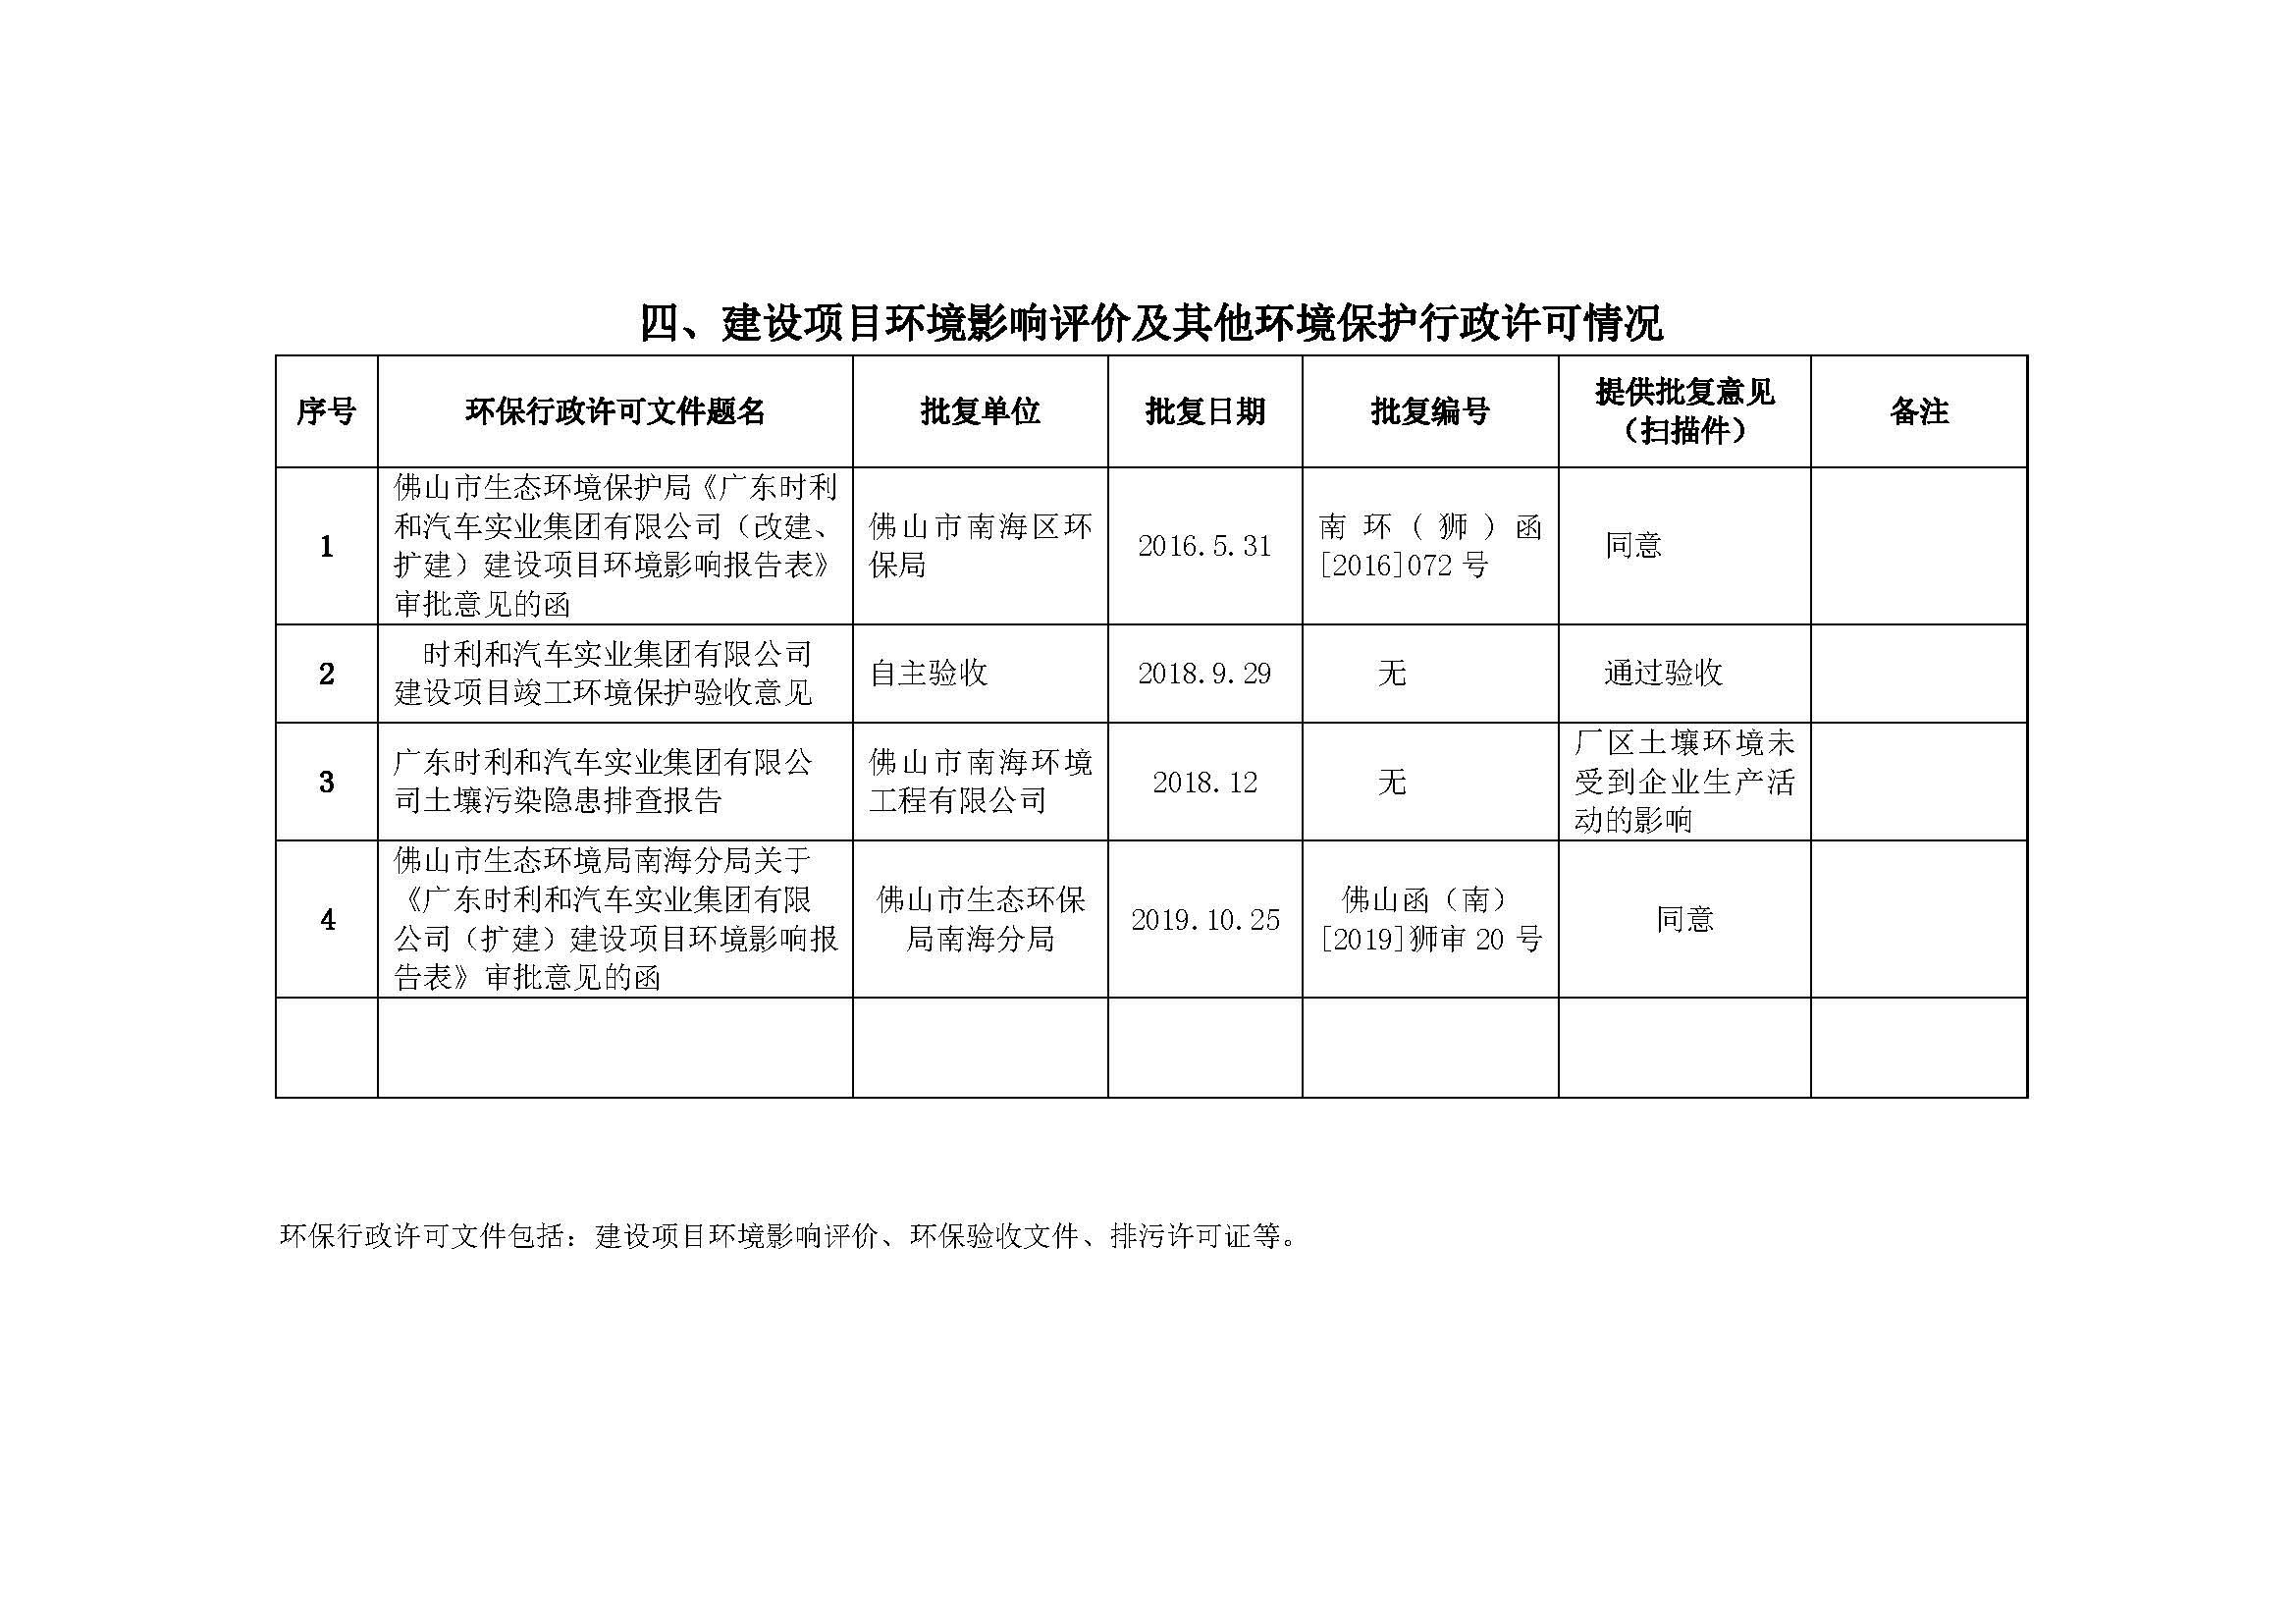 企业事业环境信息公开目录明细(2019)_页面_5.jpg